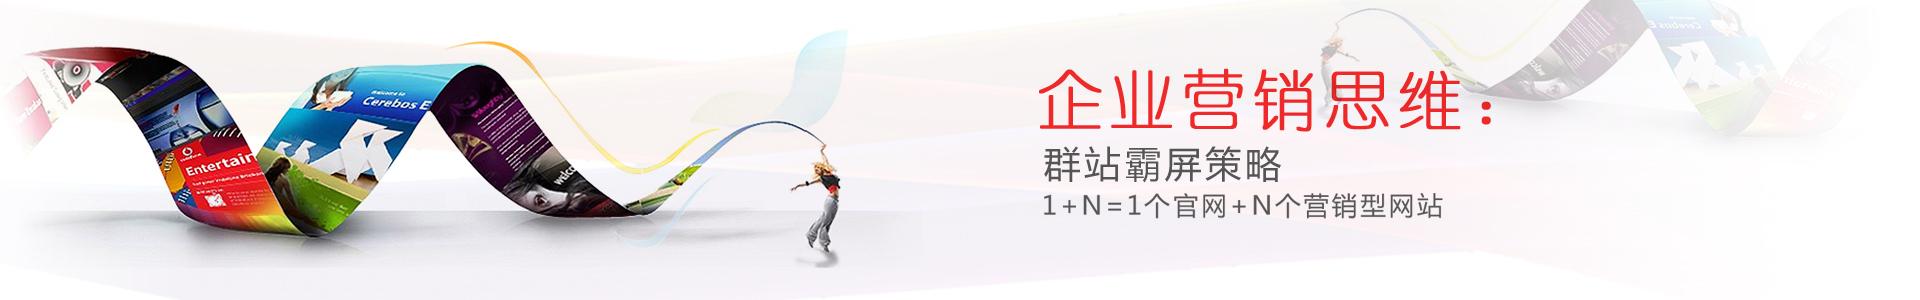 广西网站建设专注公司网站建设,SEO优化服务